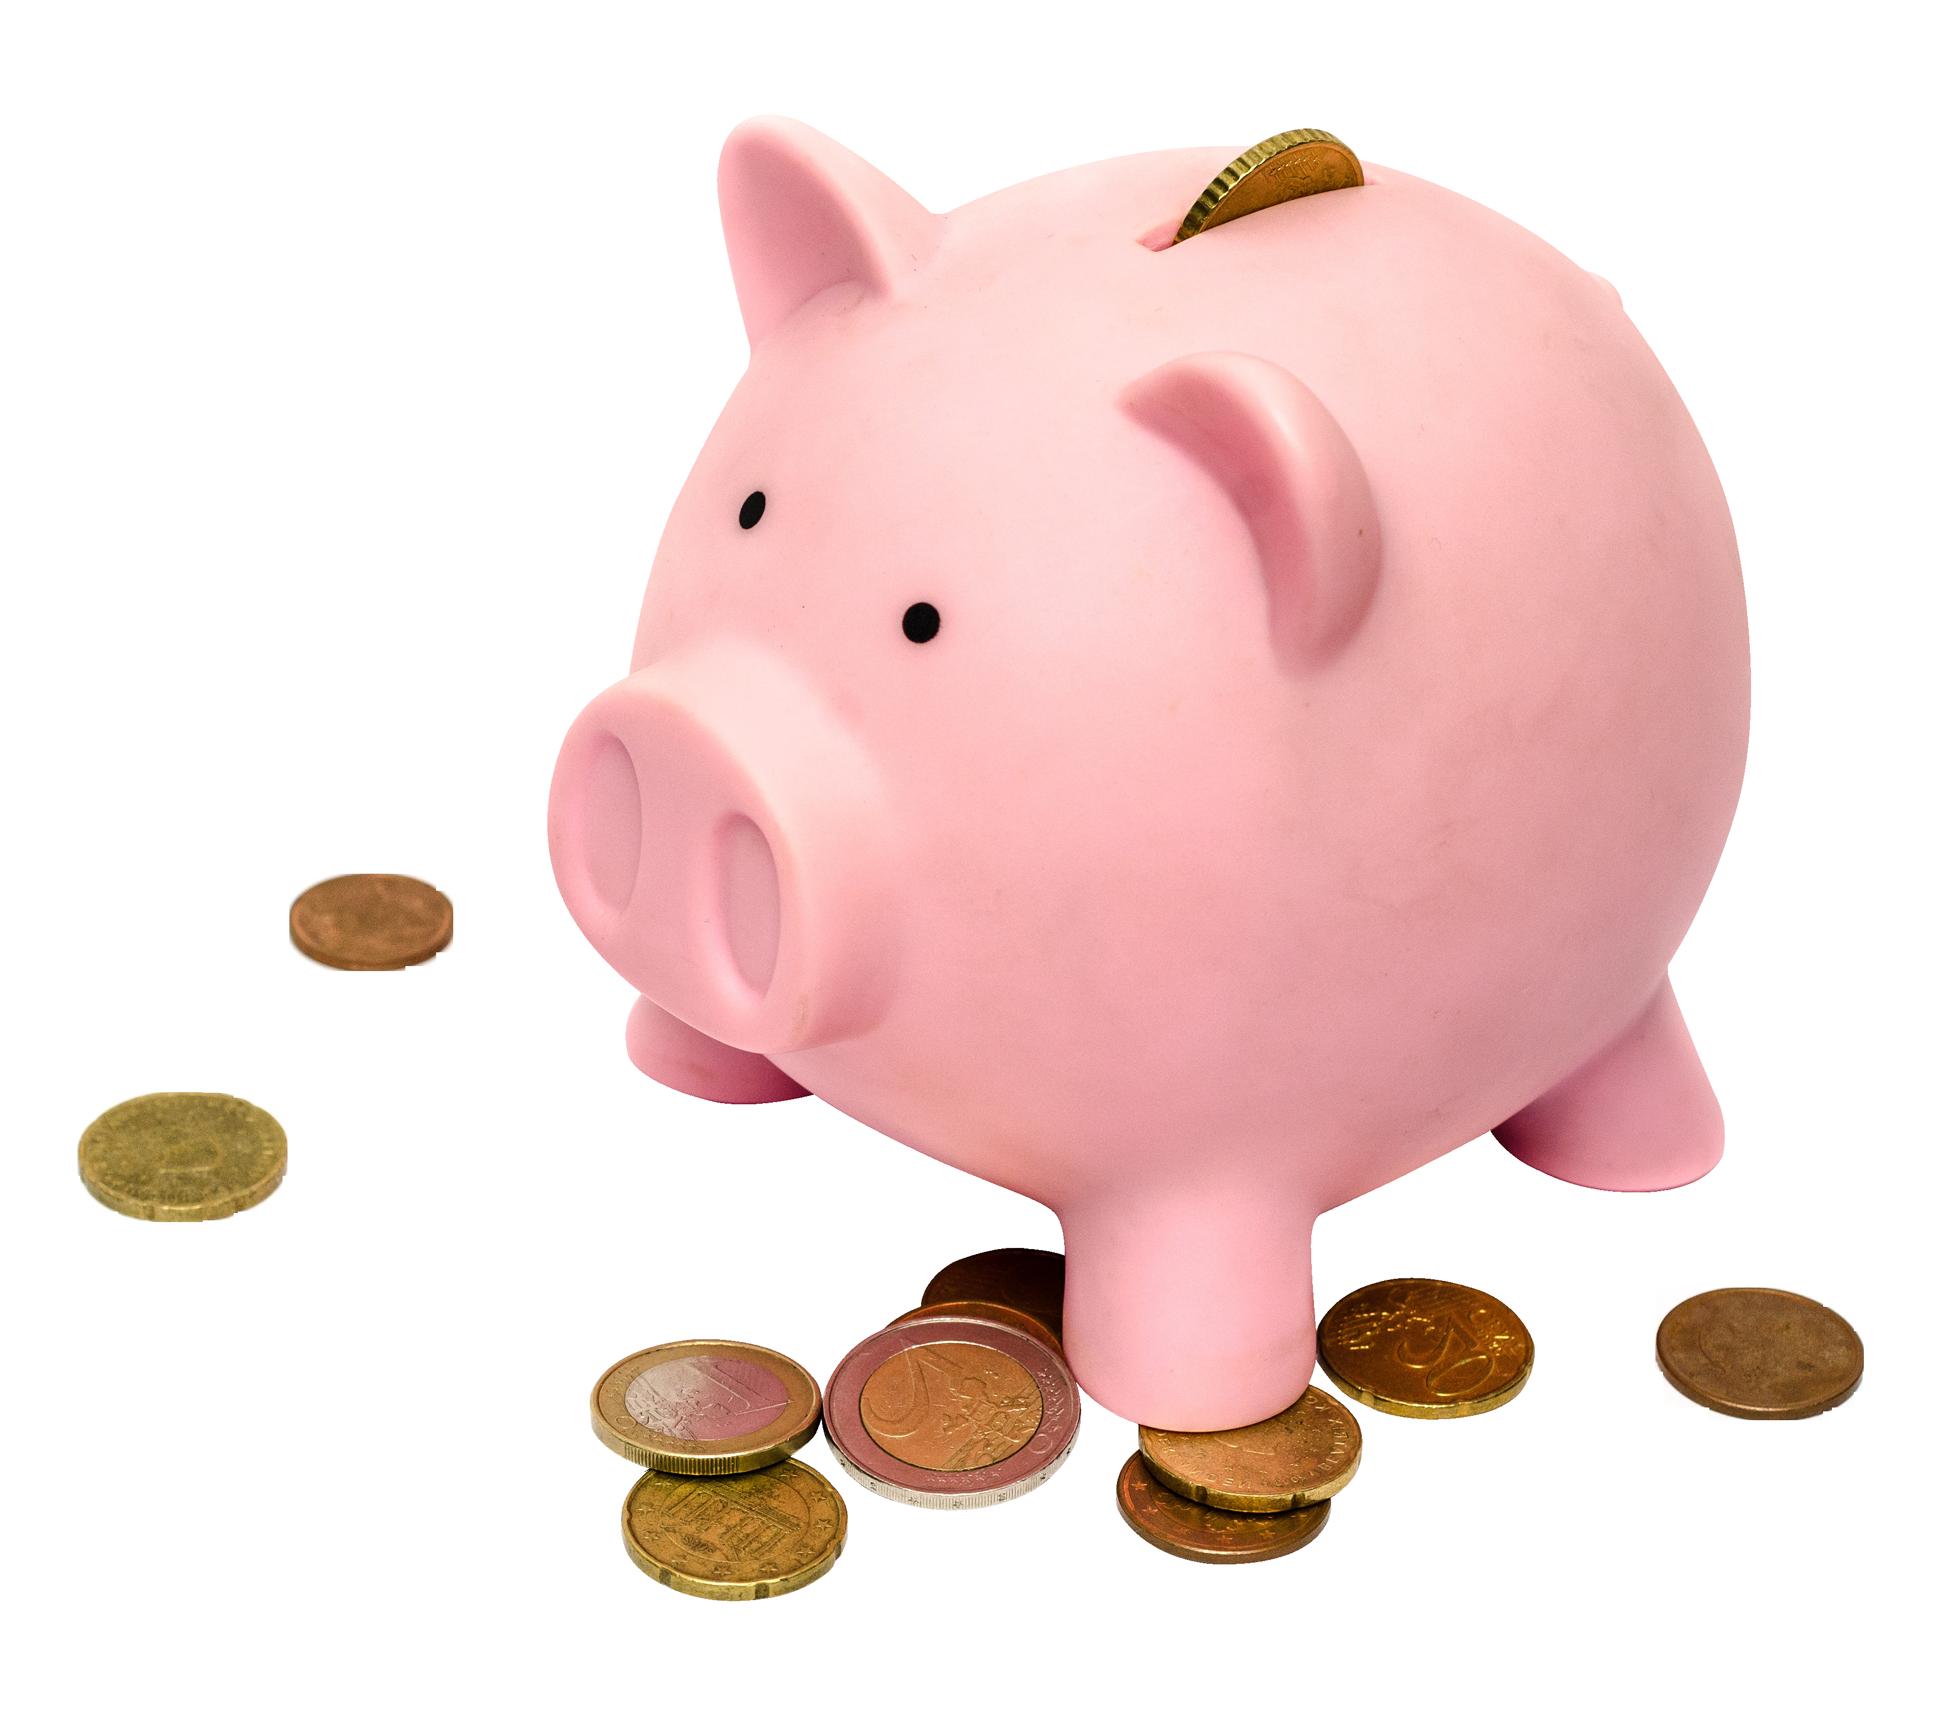 Piggy bank saving money clipart